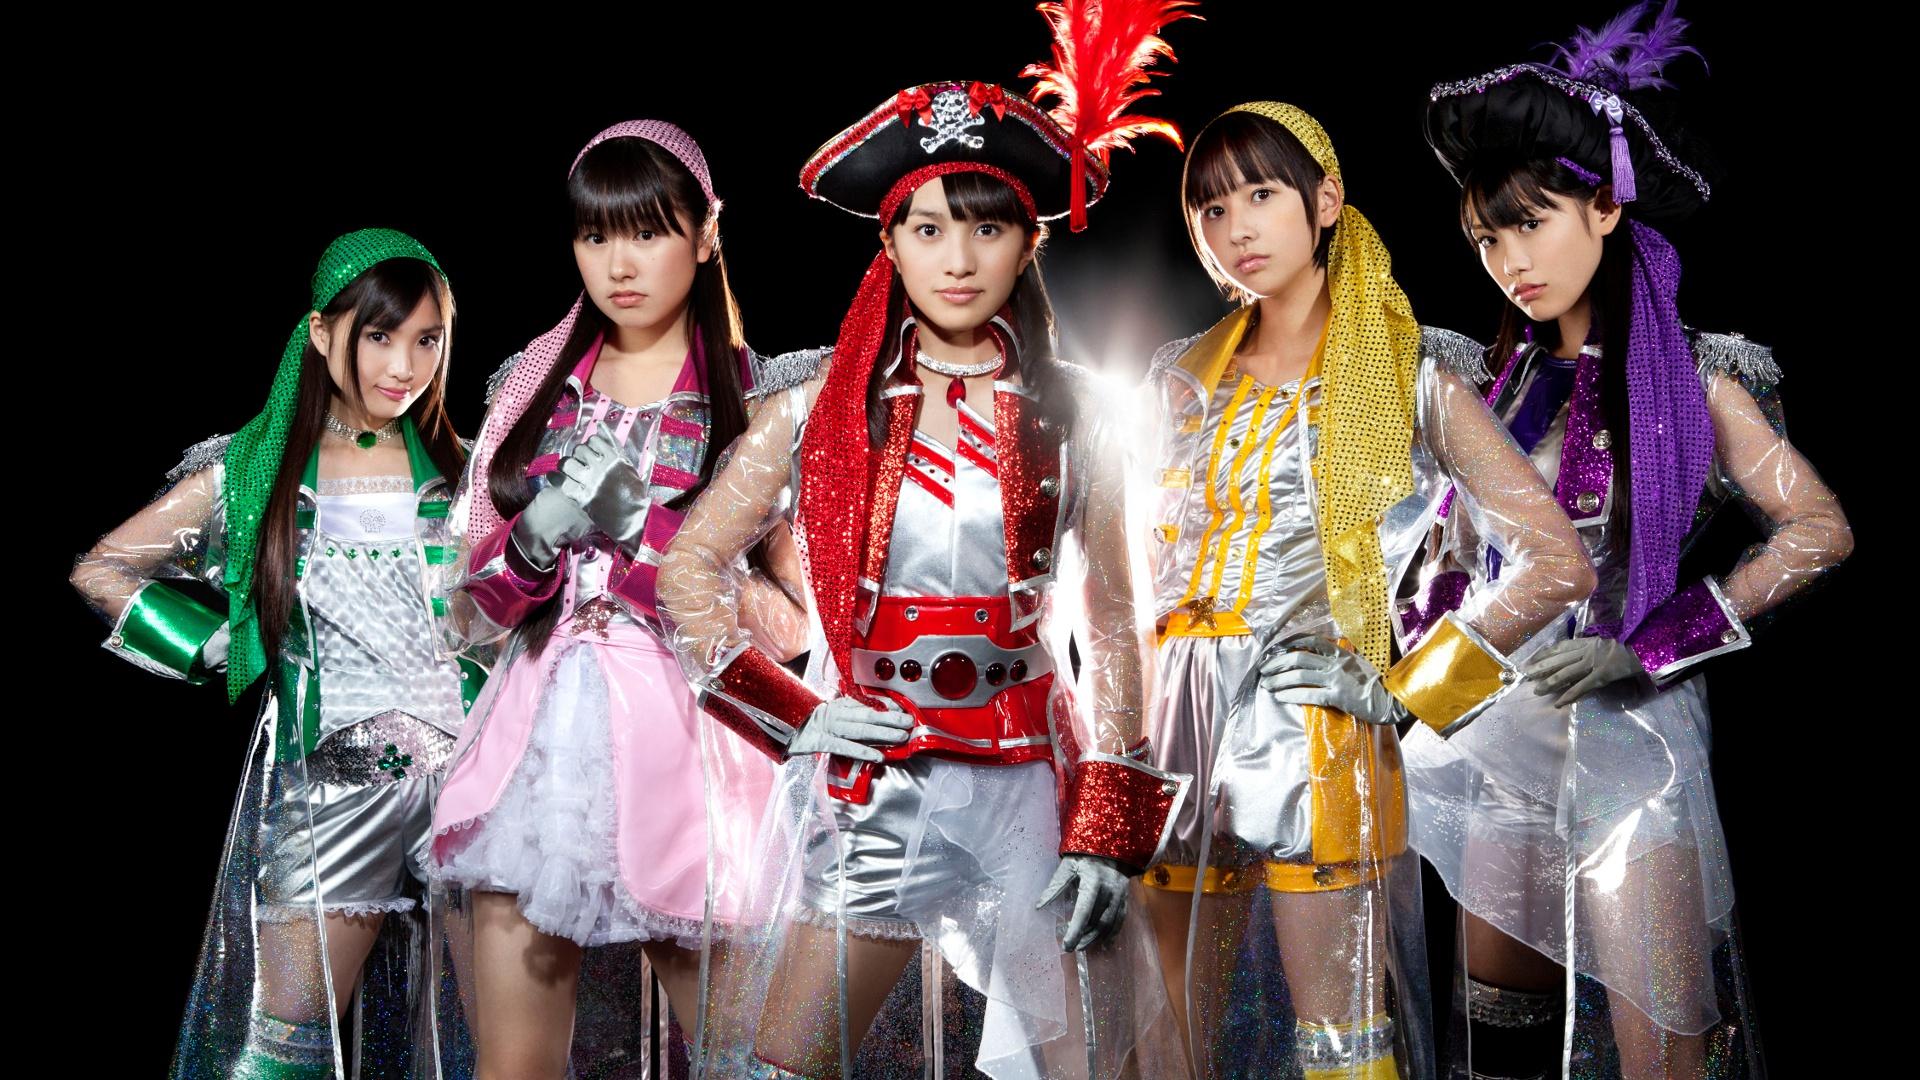 Momoiro Clover Z to Perform Dragon Ball Z 2015 Movie Theme Song haruhichan.com Dragon Ball Z Movie 15 Fukkatsu no F momoiro clover z